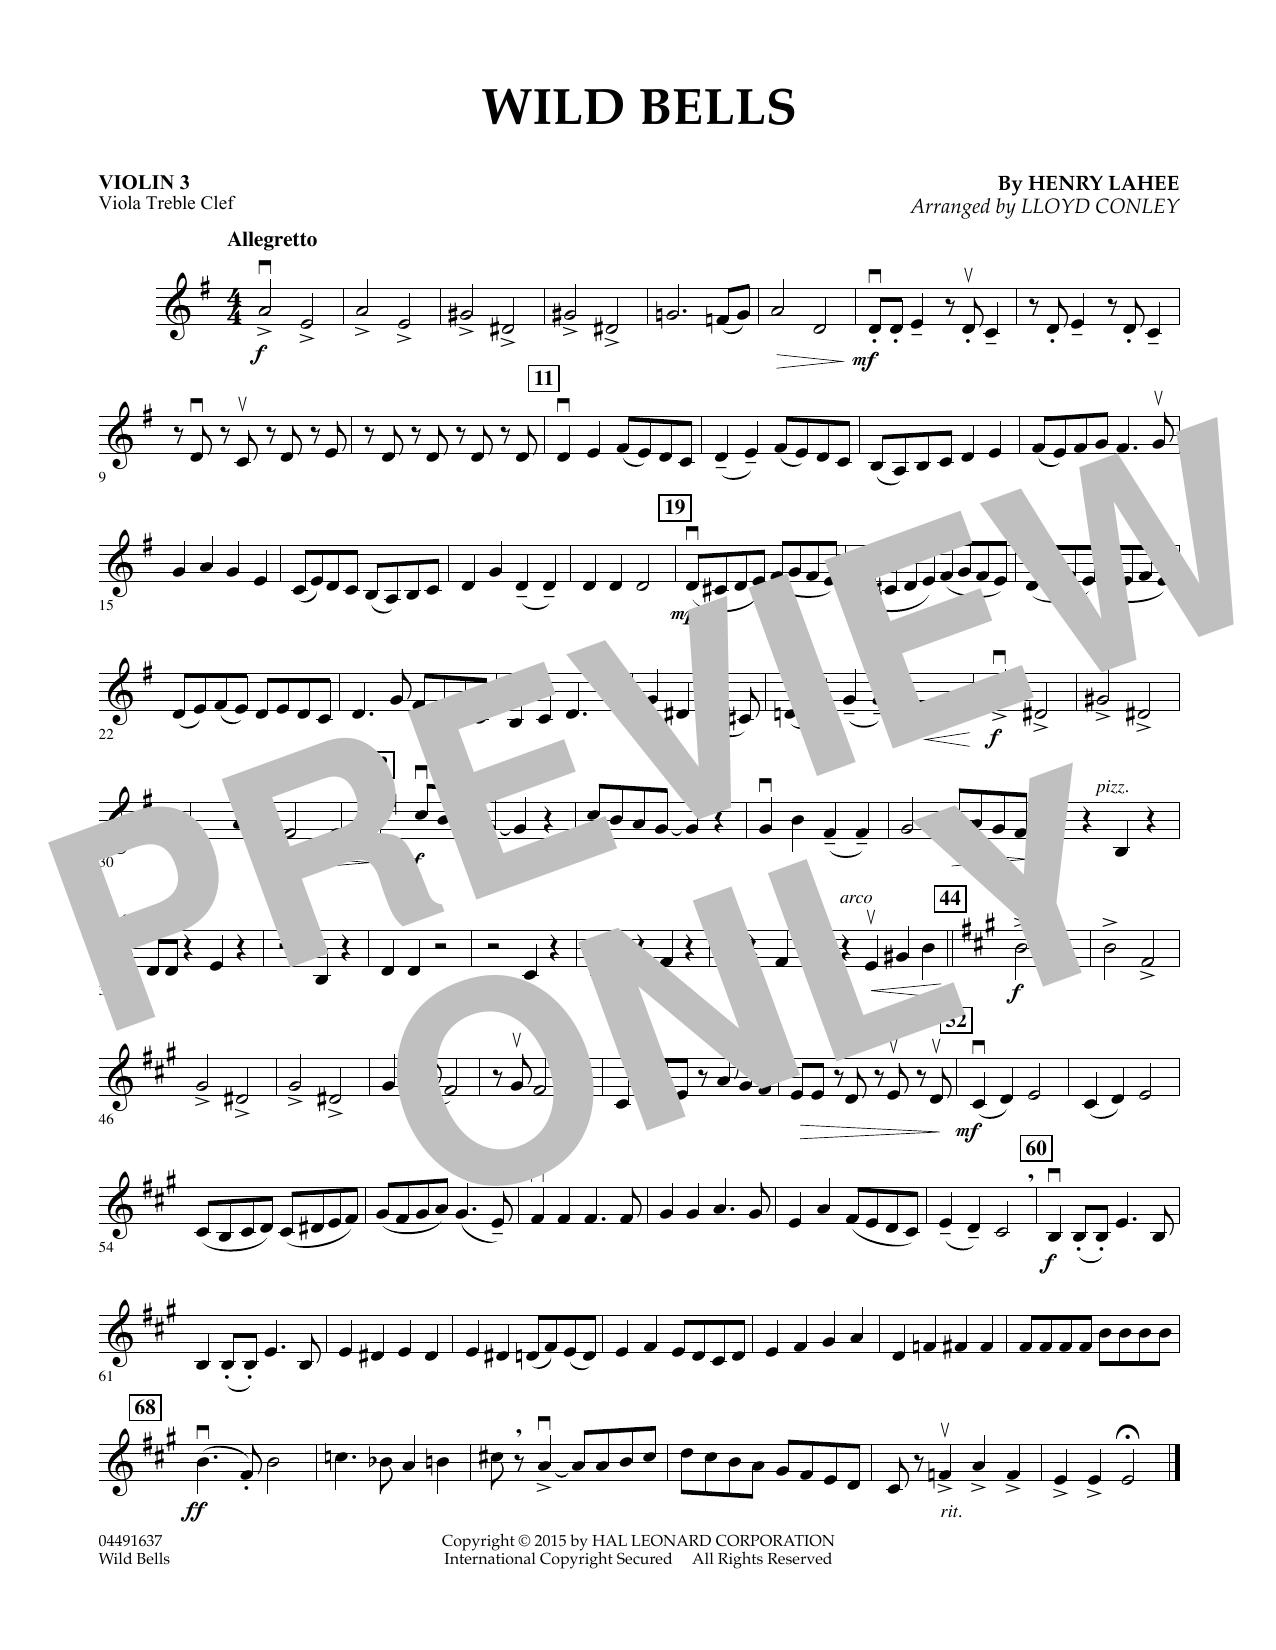 Wild Bells - Violin 3 (Viola Treble Clef) (Orchestra)